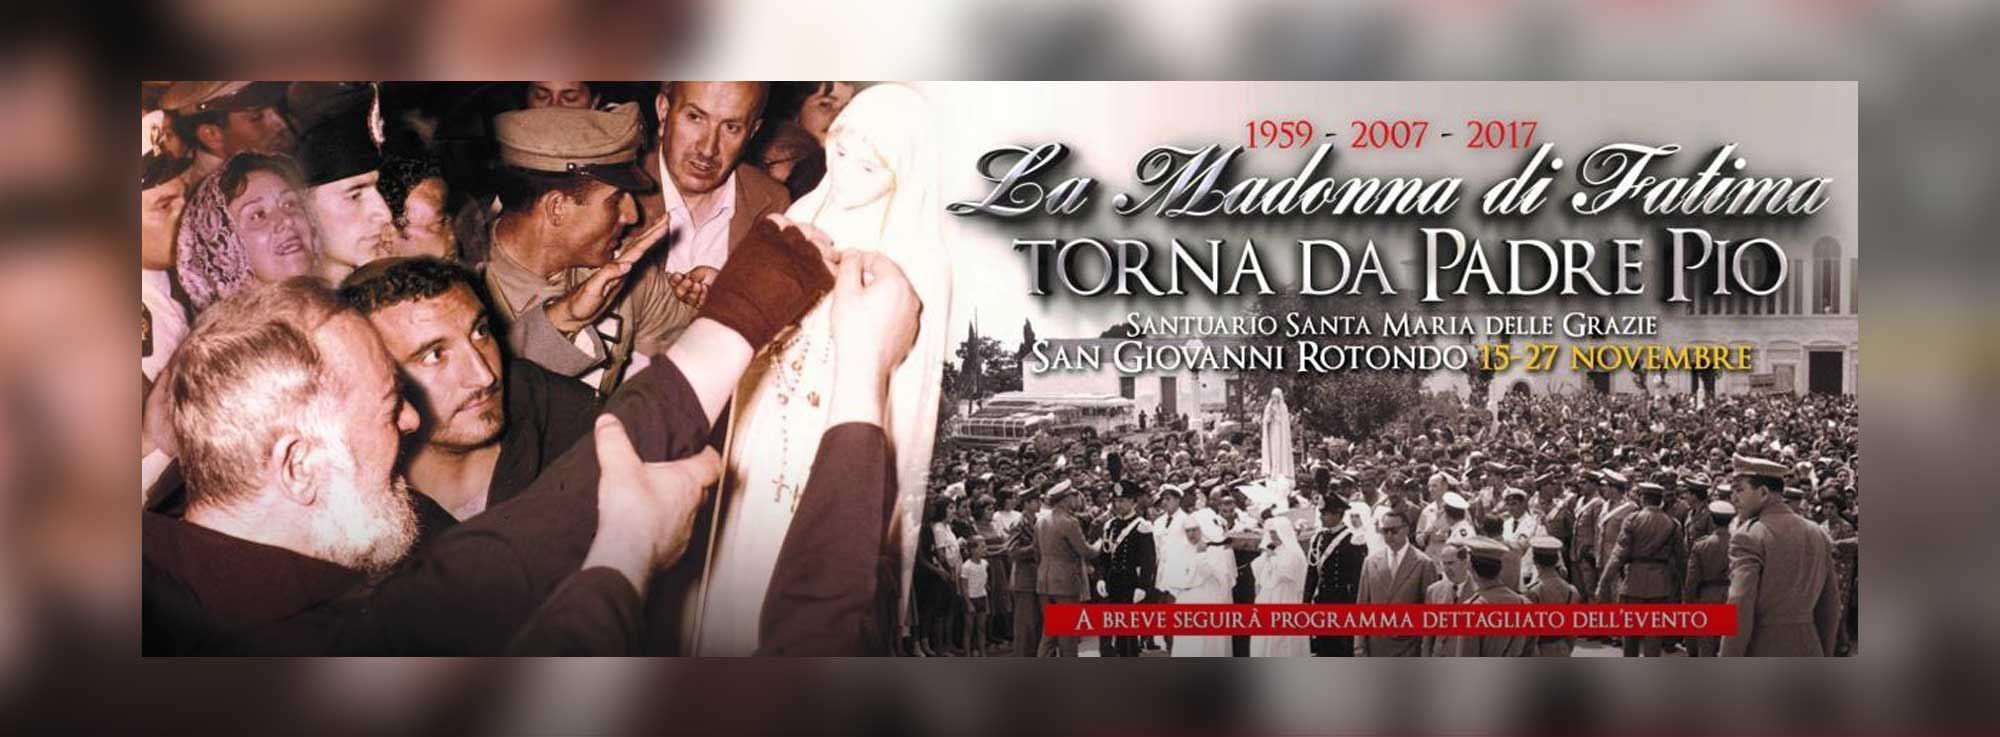 San Giovanni Rotondo: La statua della Madonna di Fatima a San Giovanni Rotondo